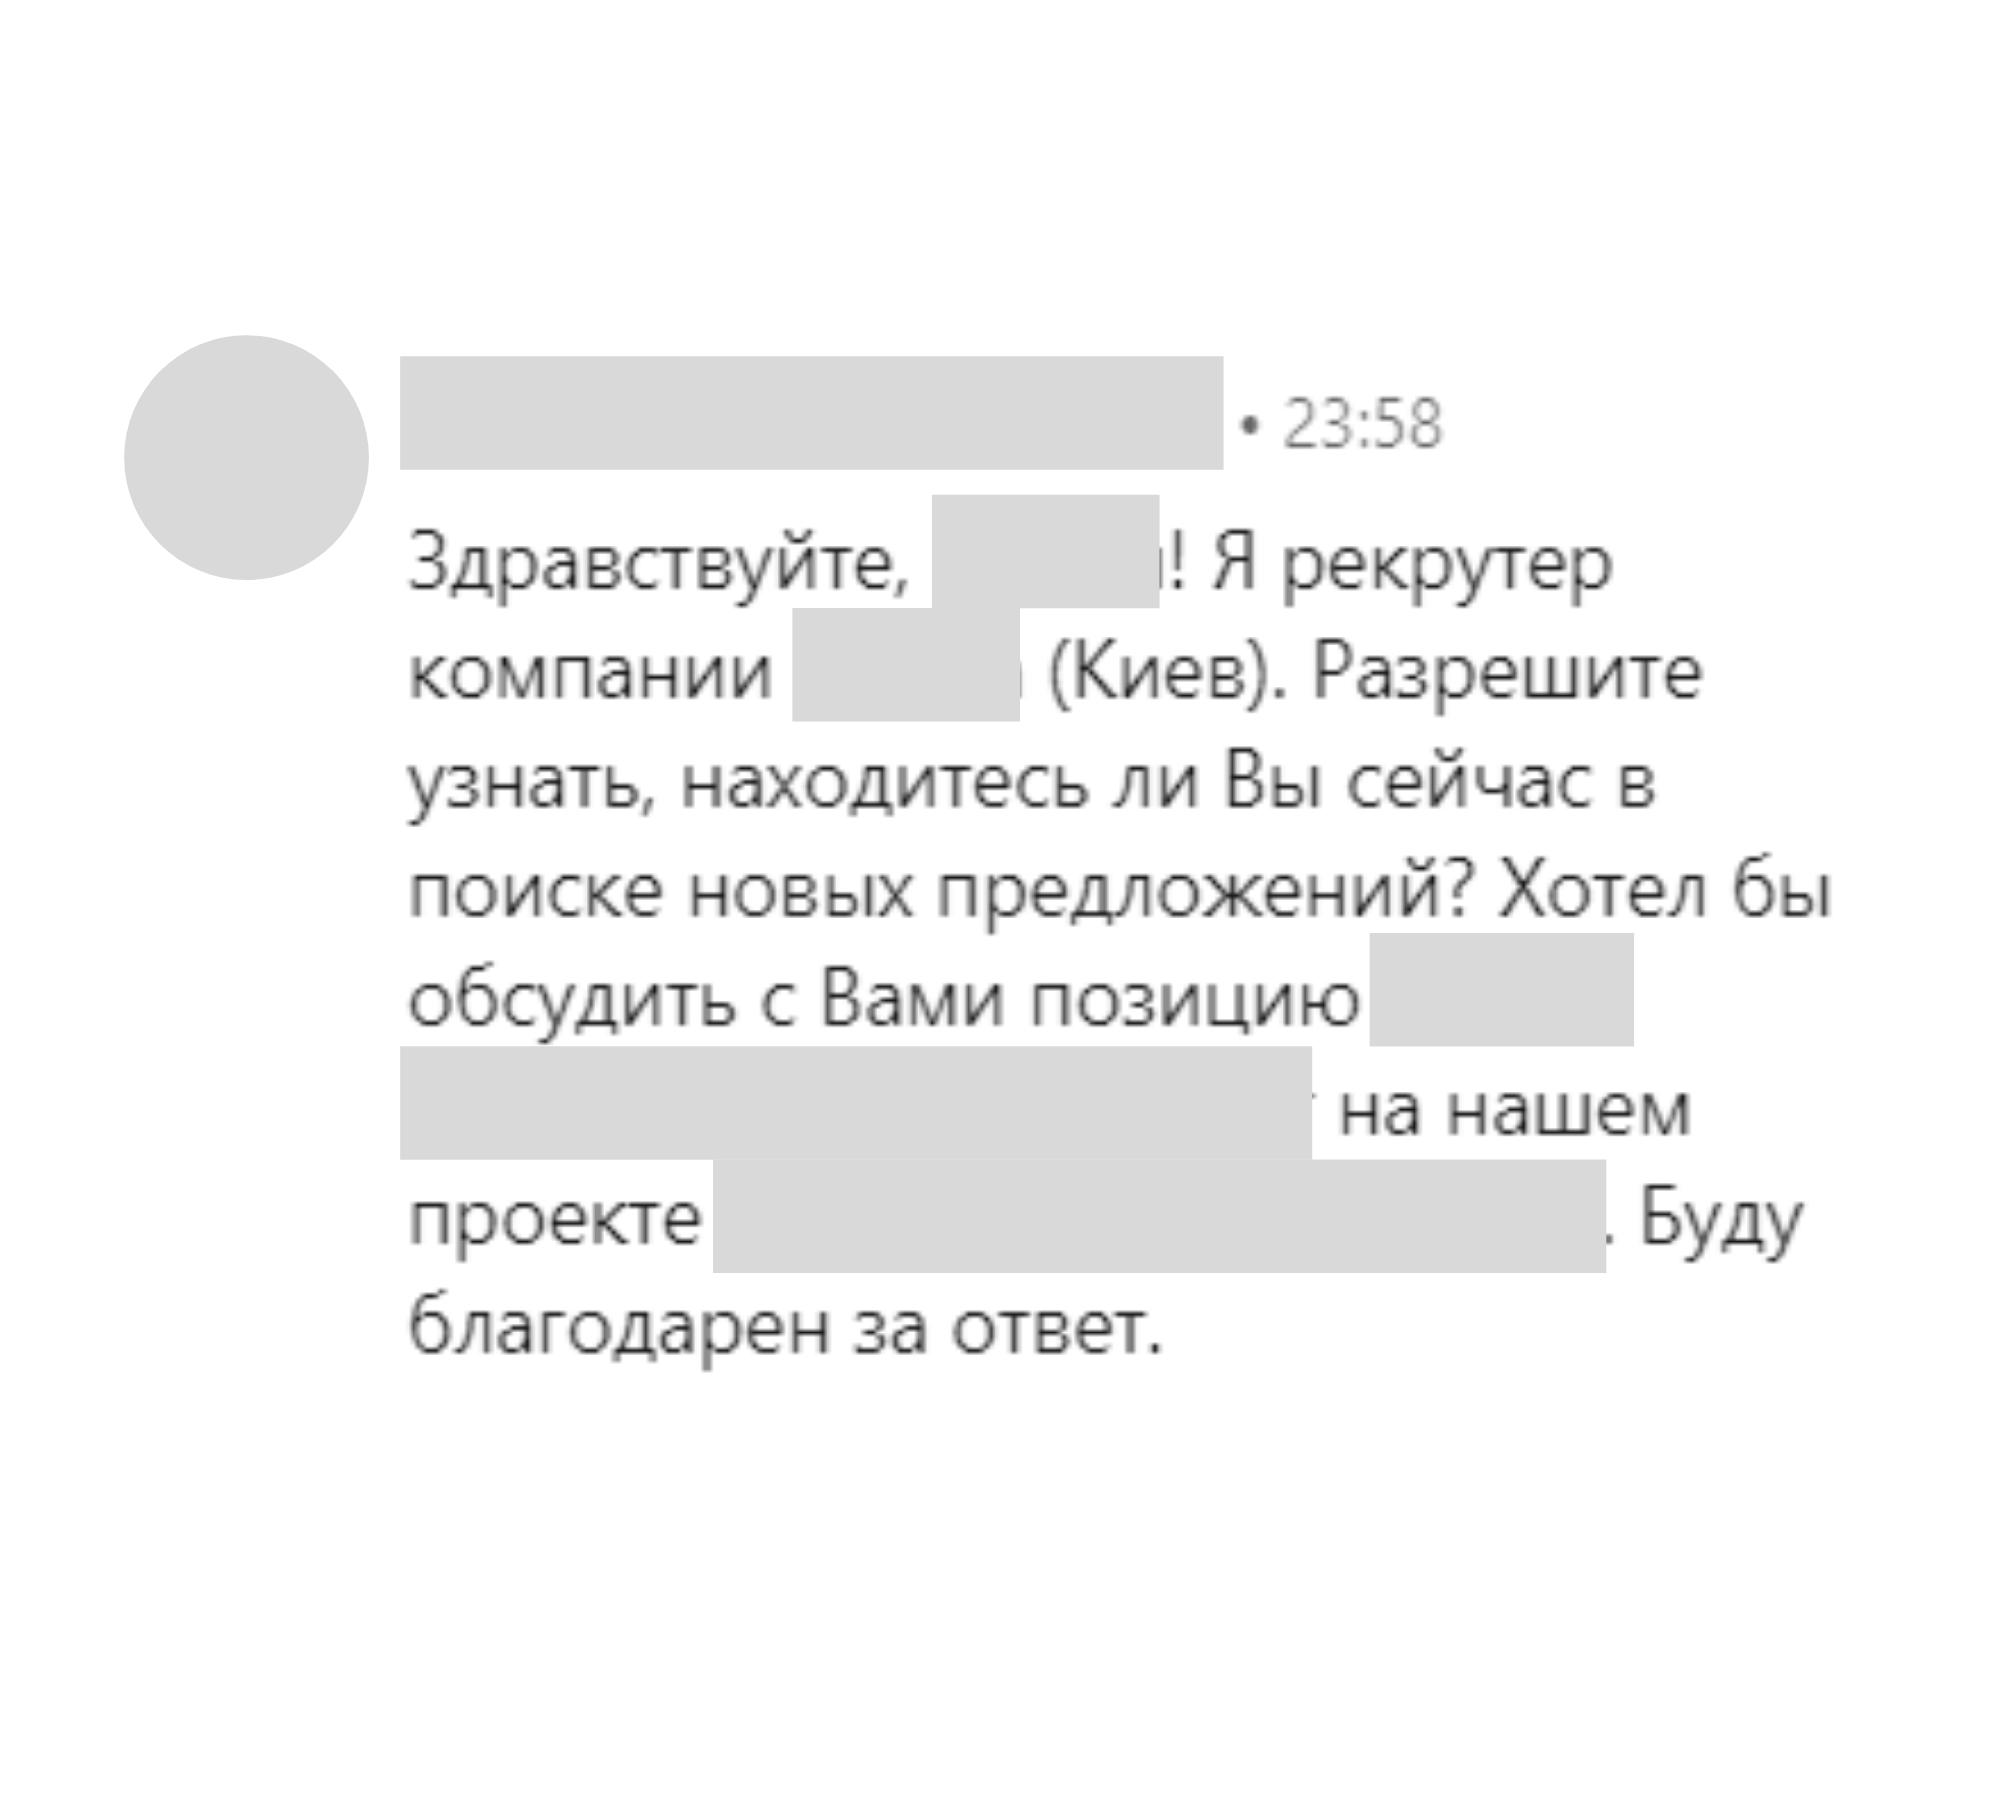 Типичный пример письма от рекрутеров в LinkedIn